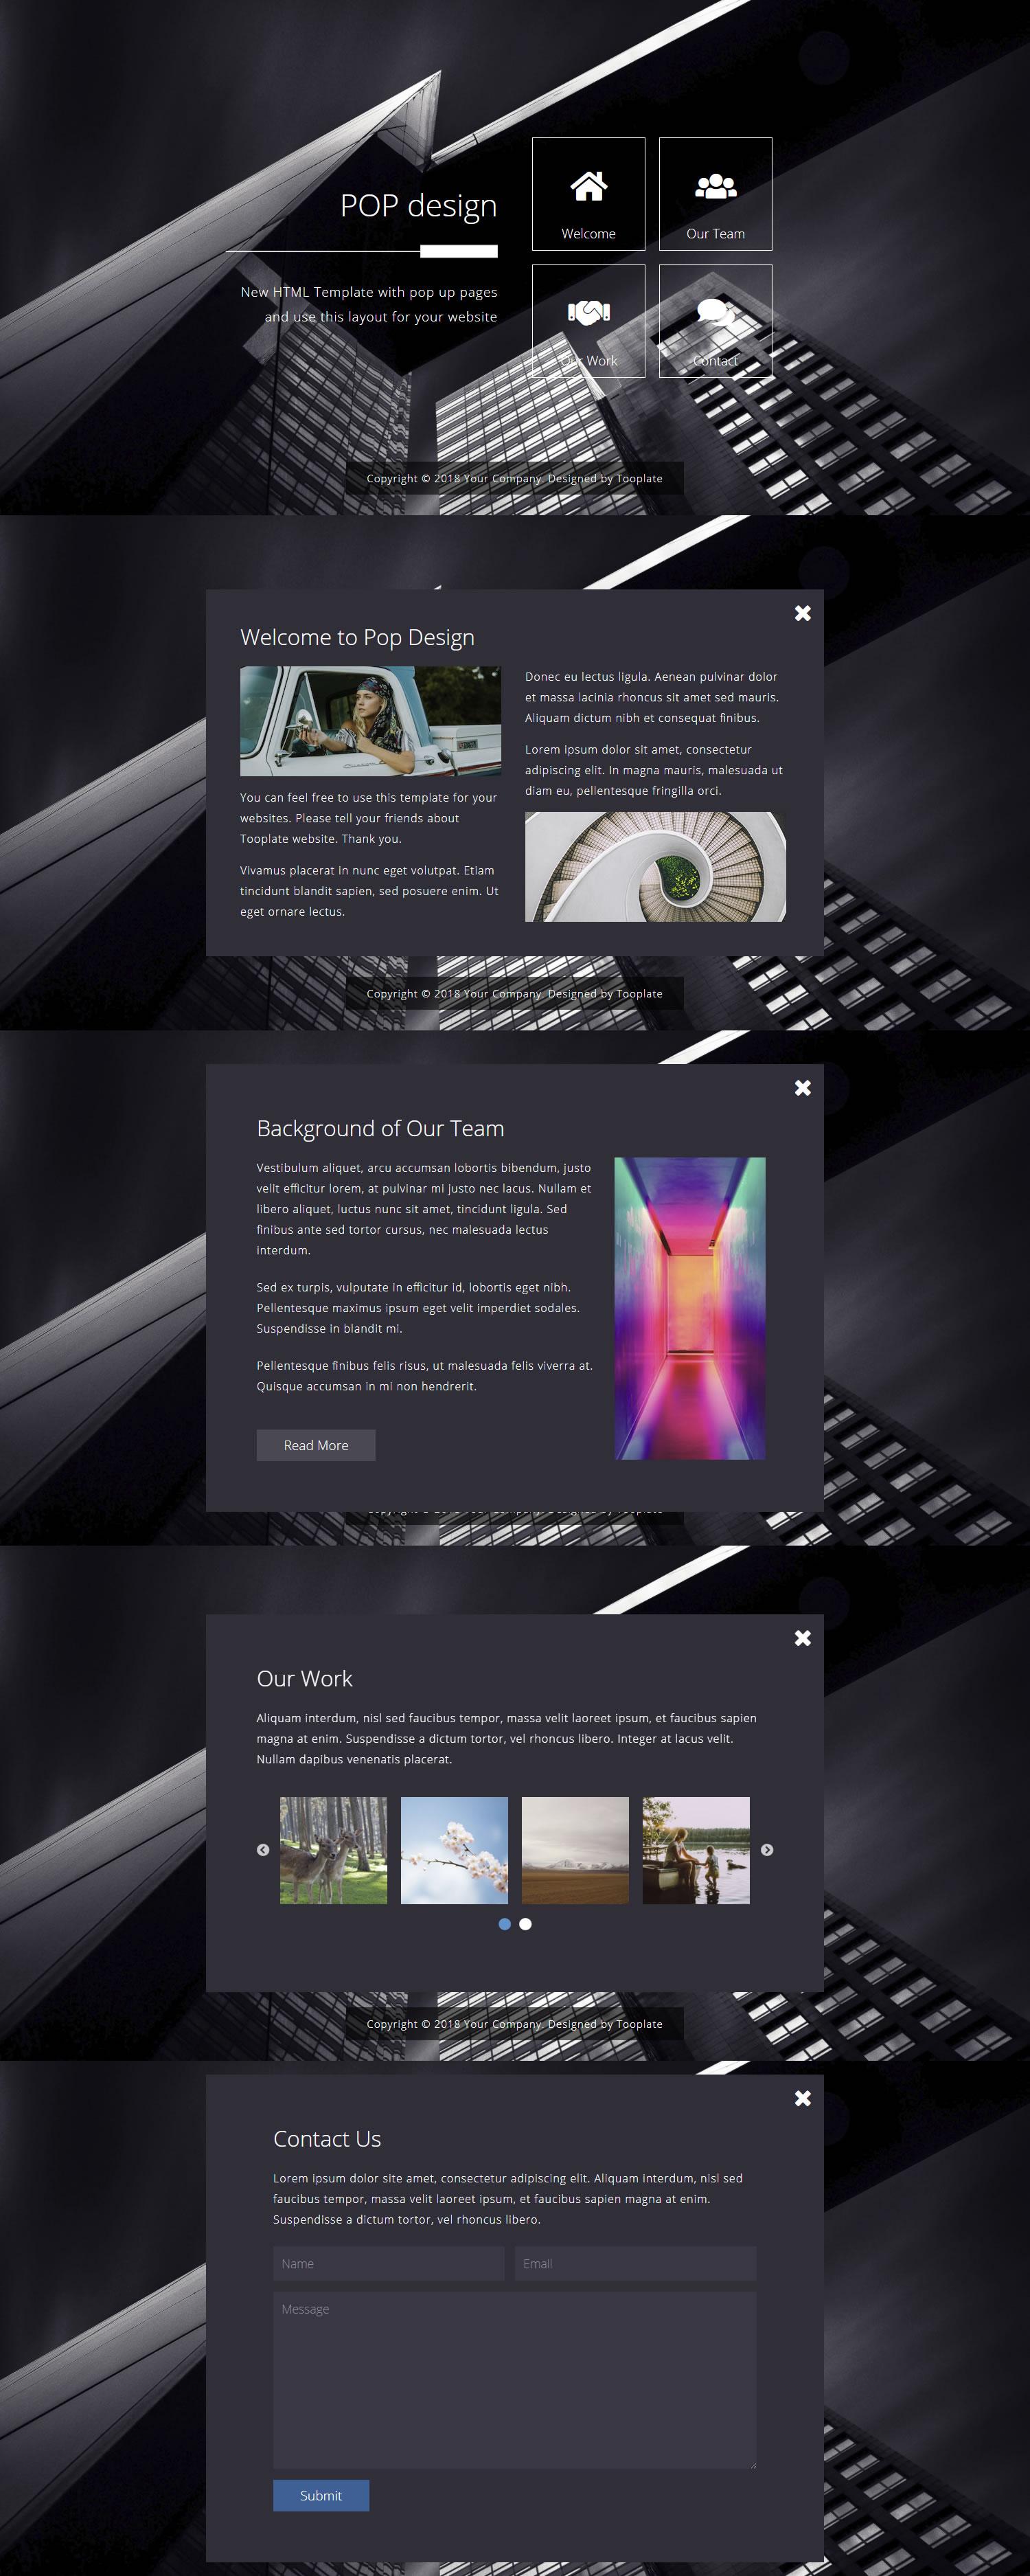 قالب popdesign | قالب پاپ دیزاین قالب html شرکتی پاپ دیزاین